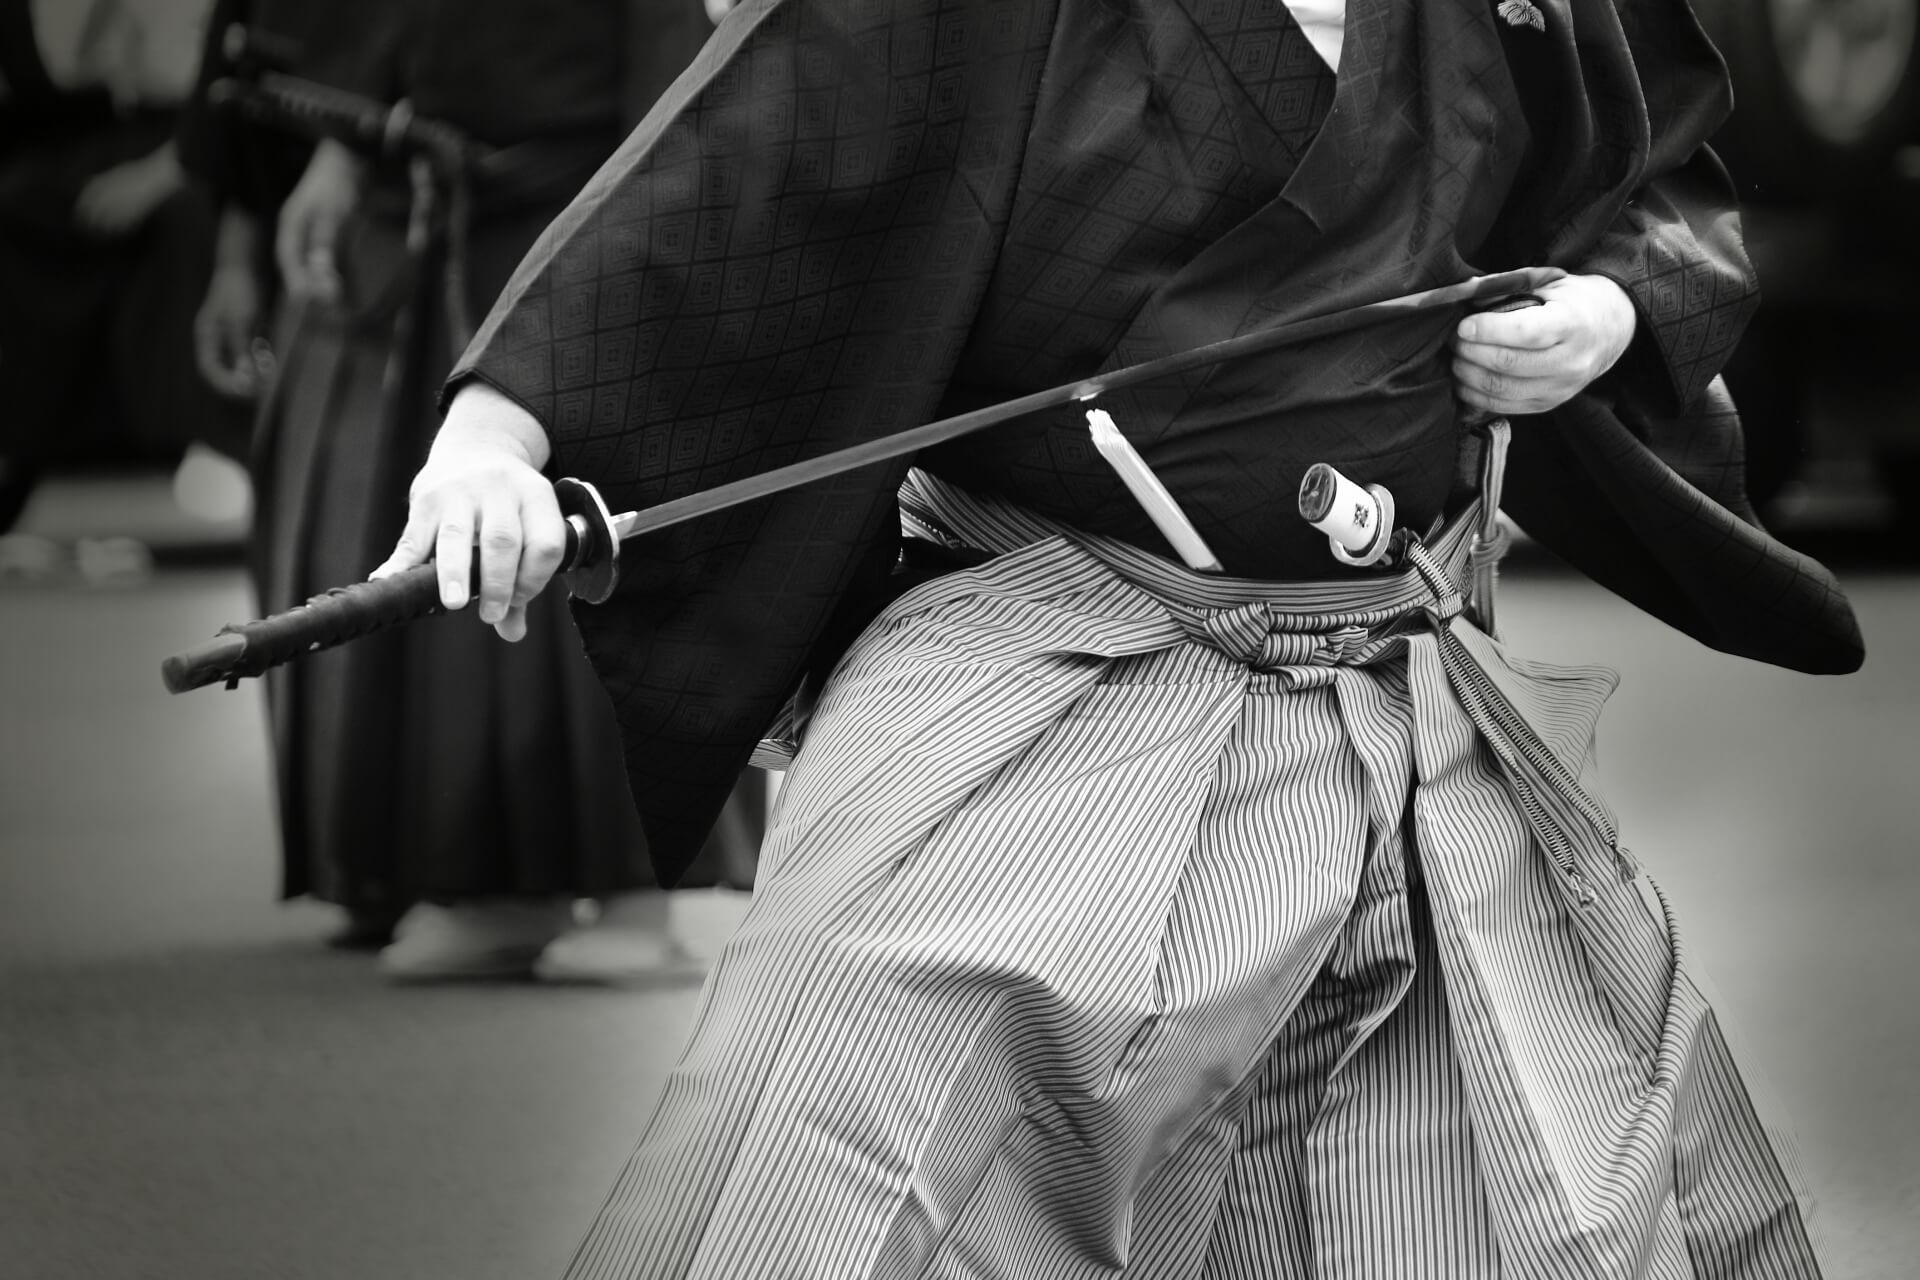 奄美大島の悲しい歴史、薩摩藩の武士